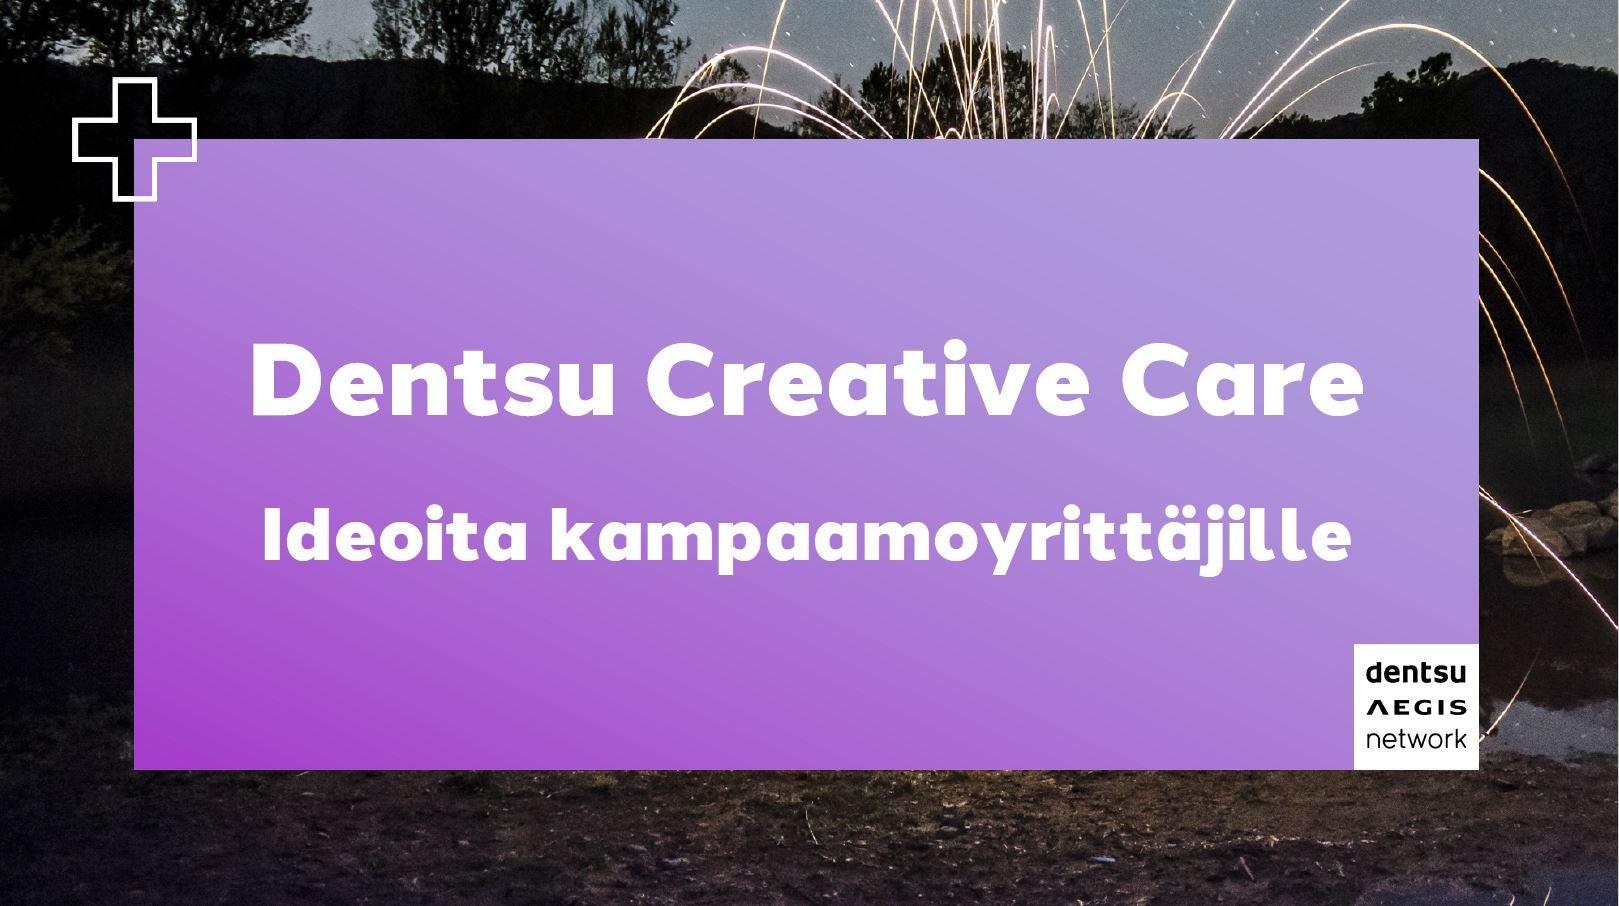 Dentsu Creative Care kampaamoyrittäjille